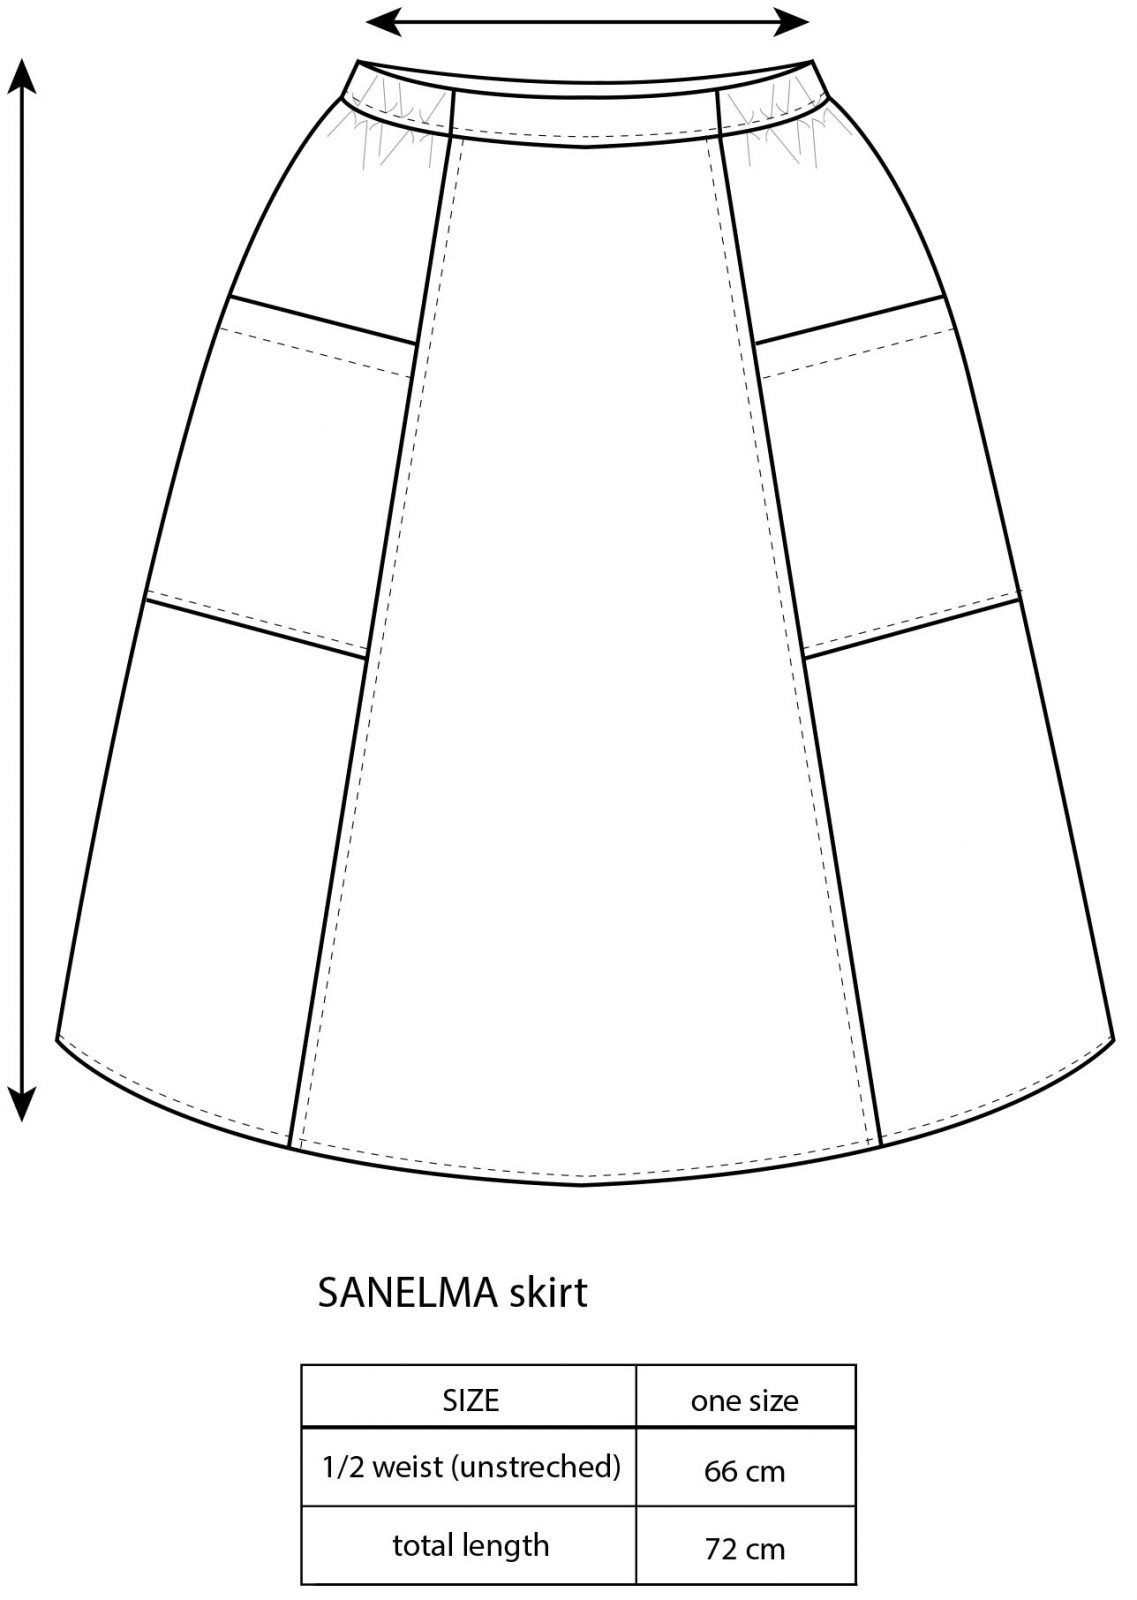 Vimma Skirt SANELMA TEMPLATE TEMPLATE Onesize - Onesize, SANELMA, Skirt, TEMPLATE